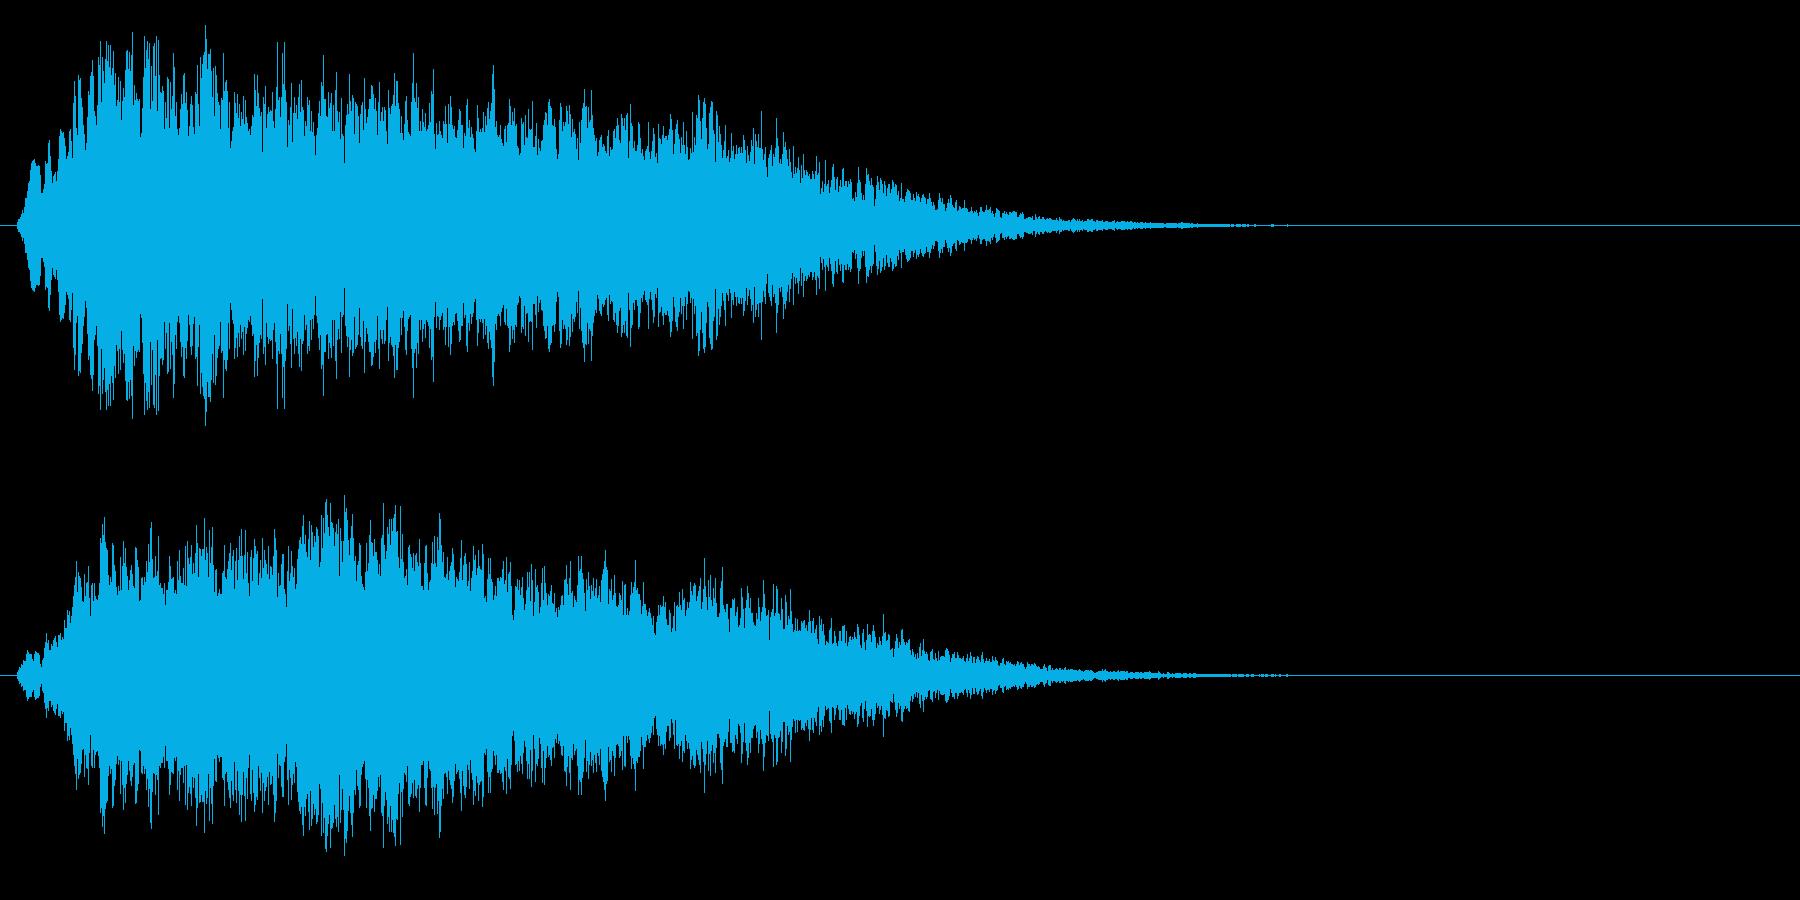 キラキラ↑上昇フレーズ 魔法の再生済みの波形